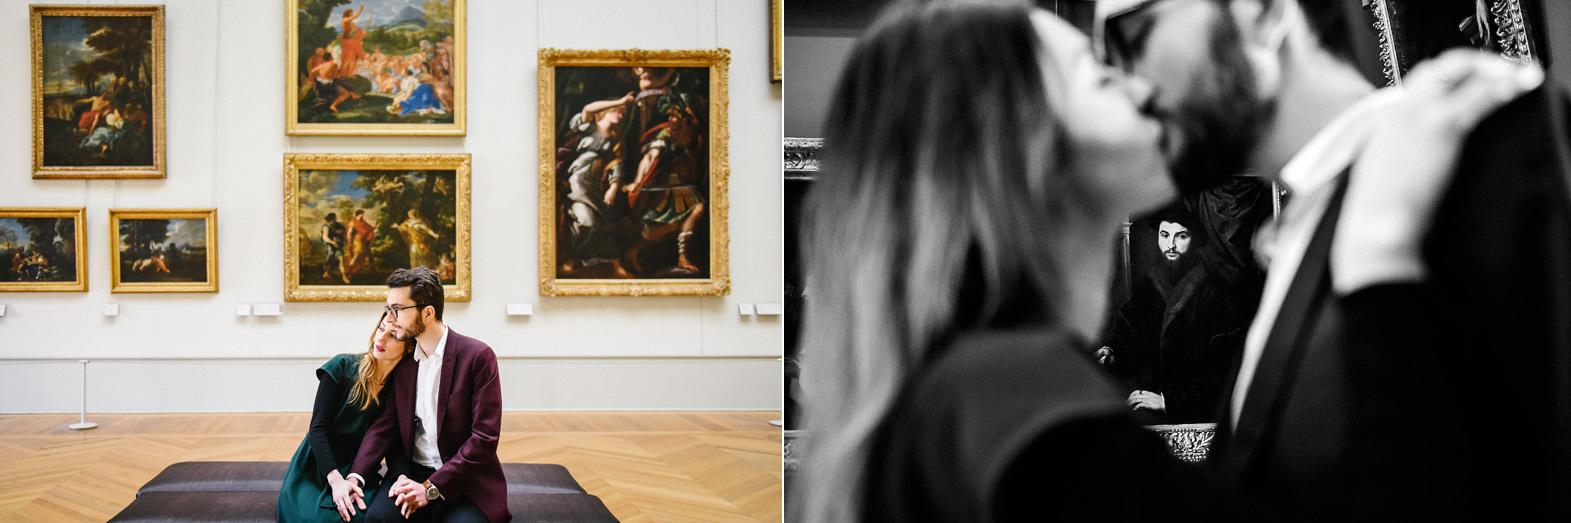 un coupe pose dans une galerie dans le musée du Louvre